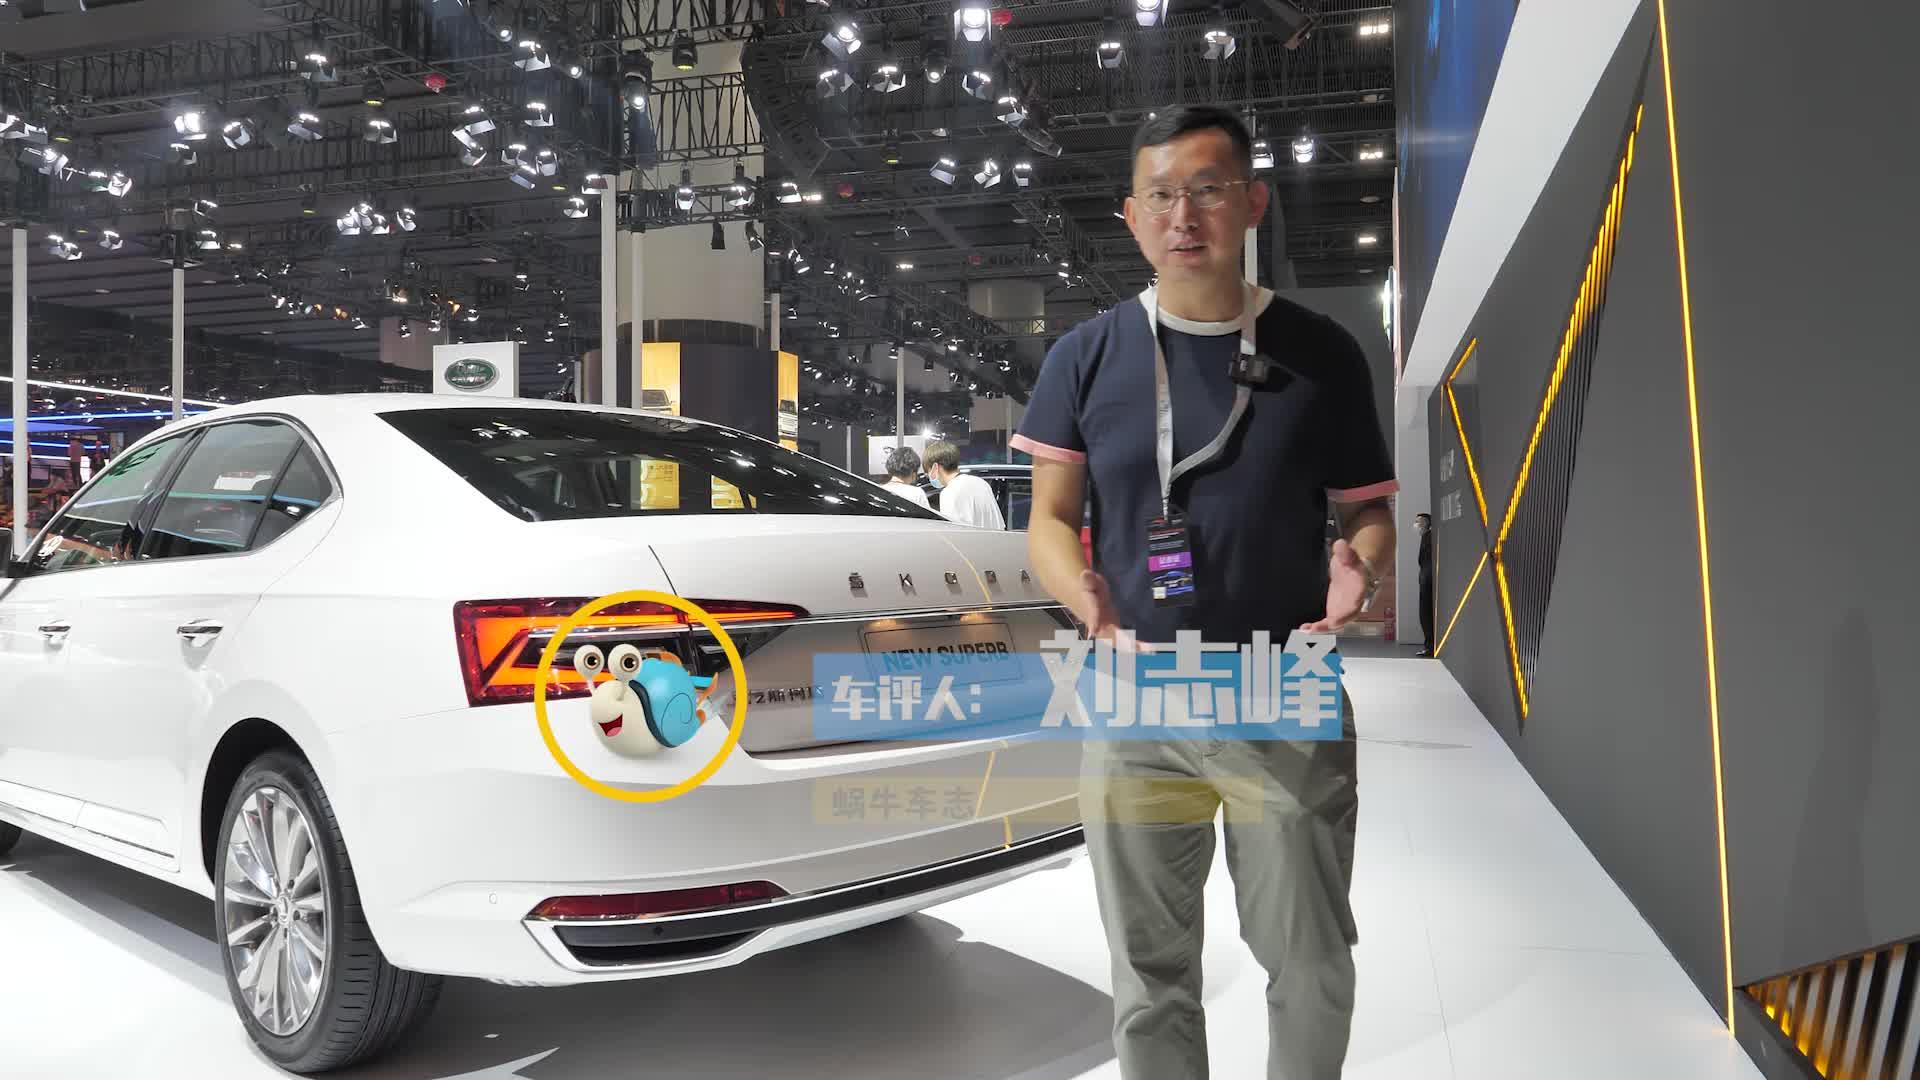 视频:2.0T纯正德系中级车再升级!新款斯柯达速派实车曝光